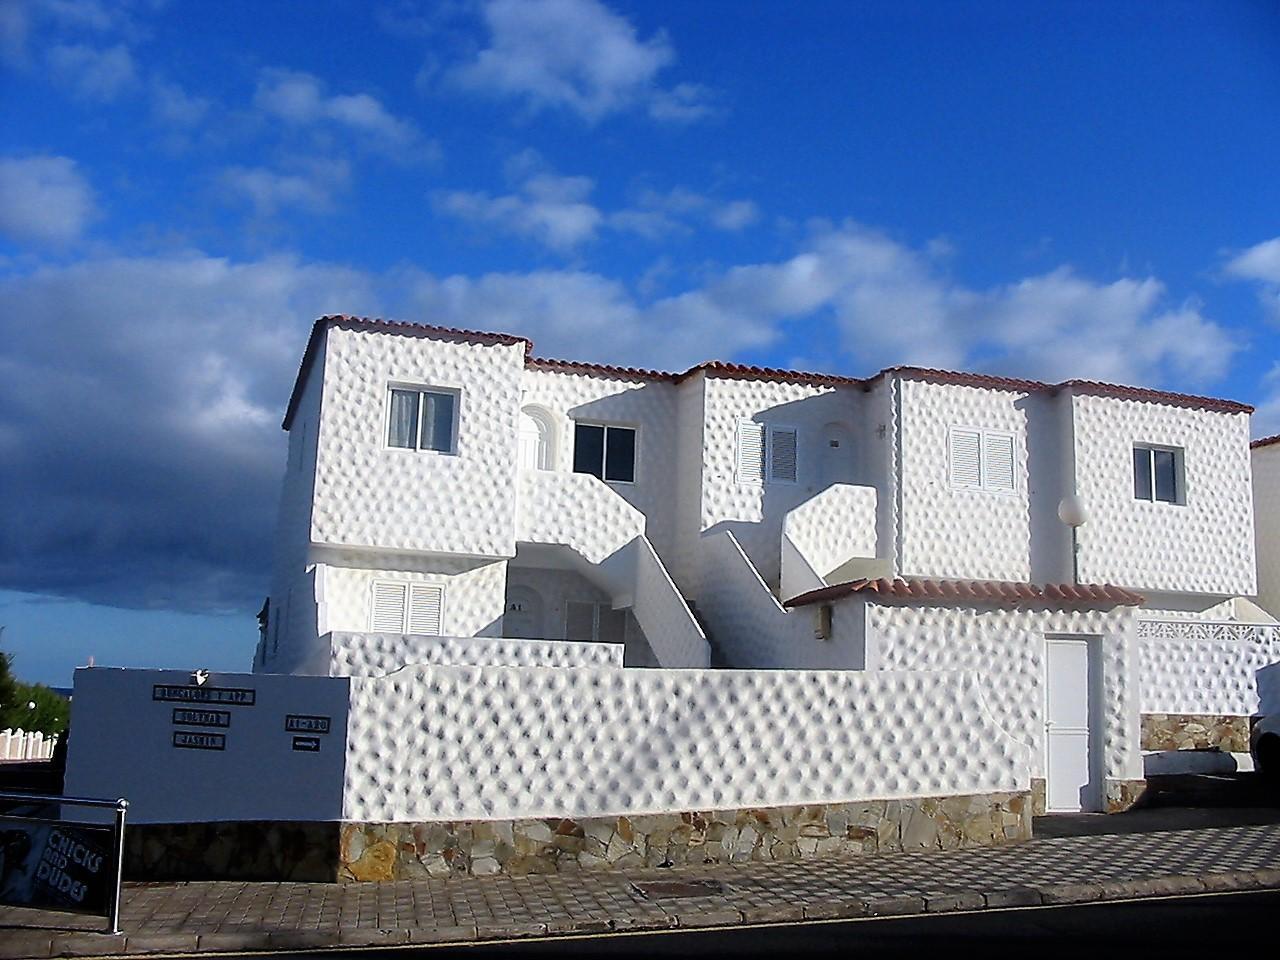 Ferienwohnung Penthouse / Apt. in der besten Gegend von Costa Calma, mit Blick auf eine große Terrasse a (487472), Costa Calma, Fuerteventura, Kanarische Inseln, Spanien, Bild 16